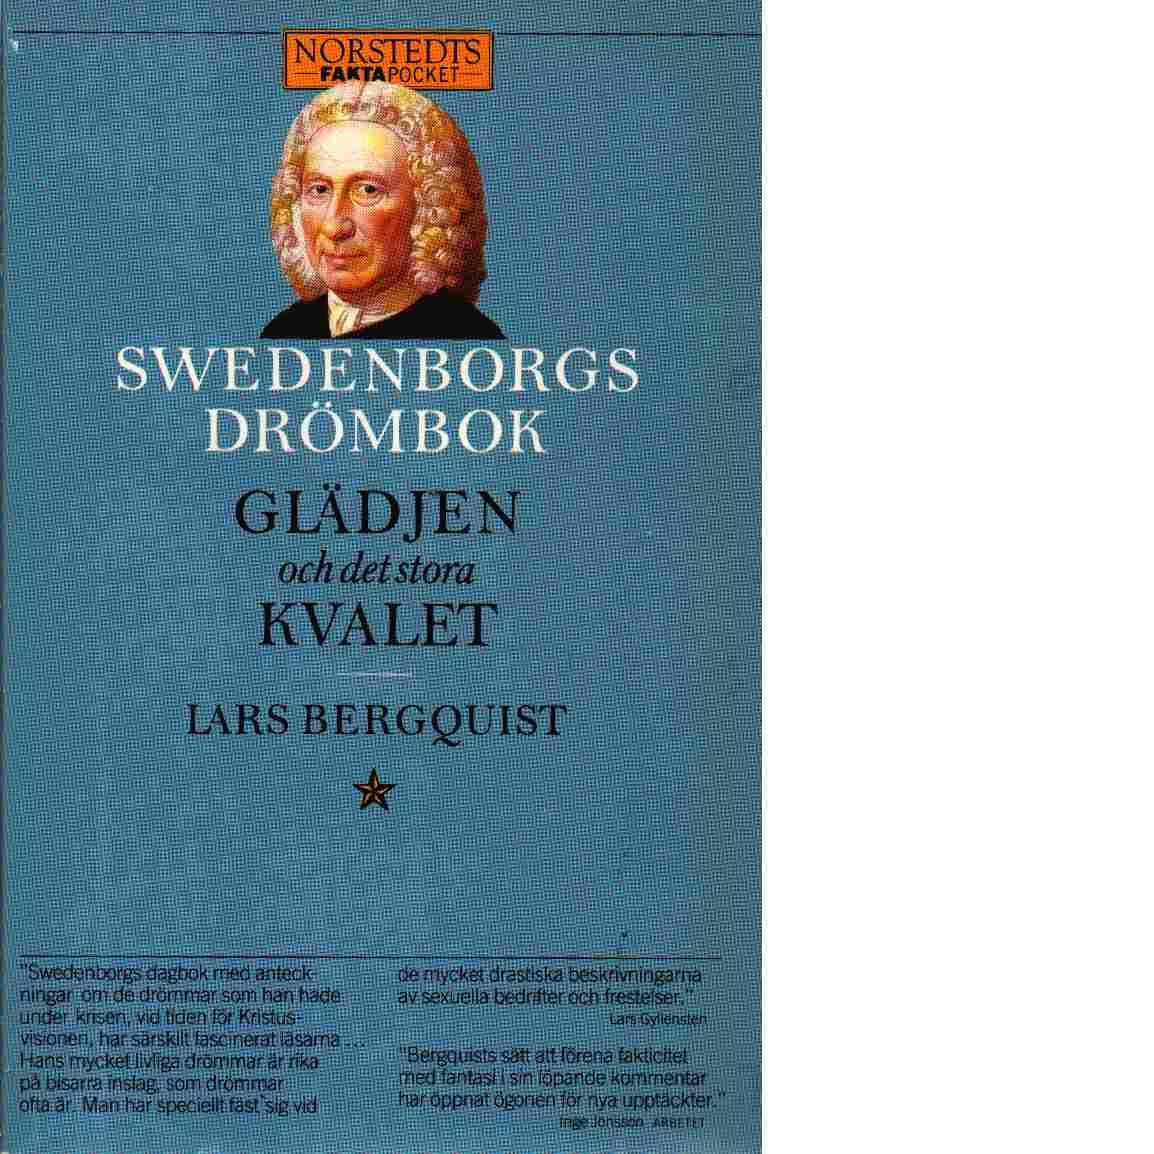 Swedenborgs drömbok : glädjen och det stora kvalet - Bergquist, Lars